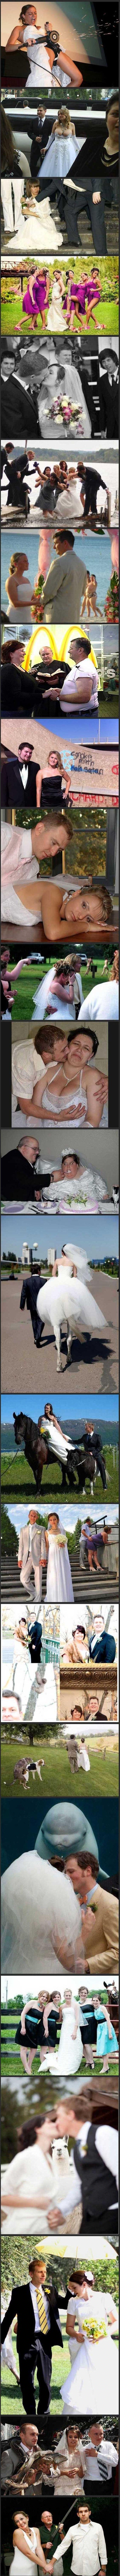 Hilarious WTF wedding photos.